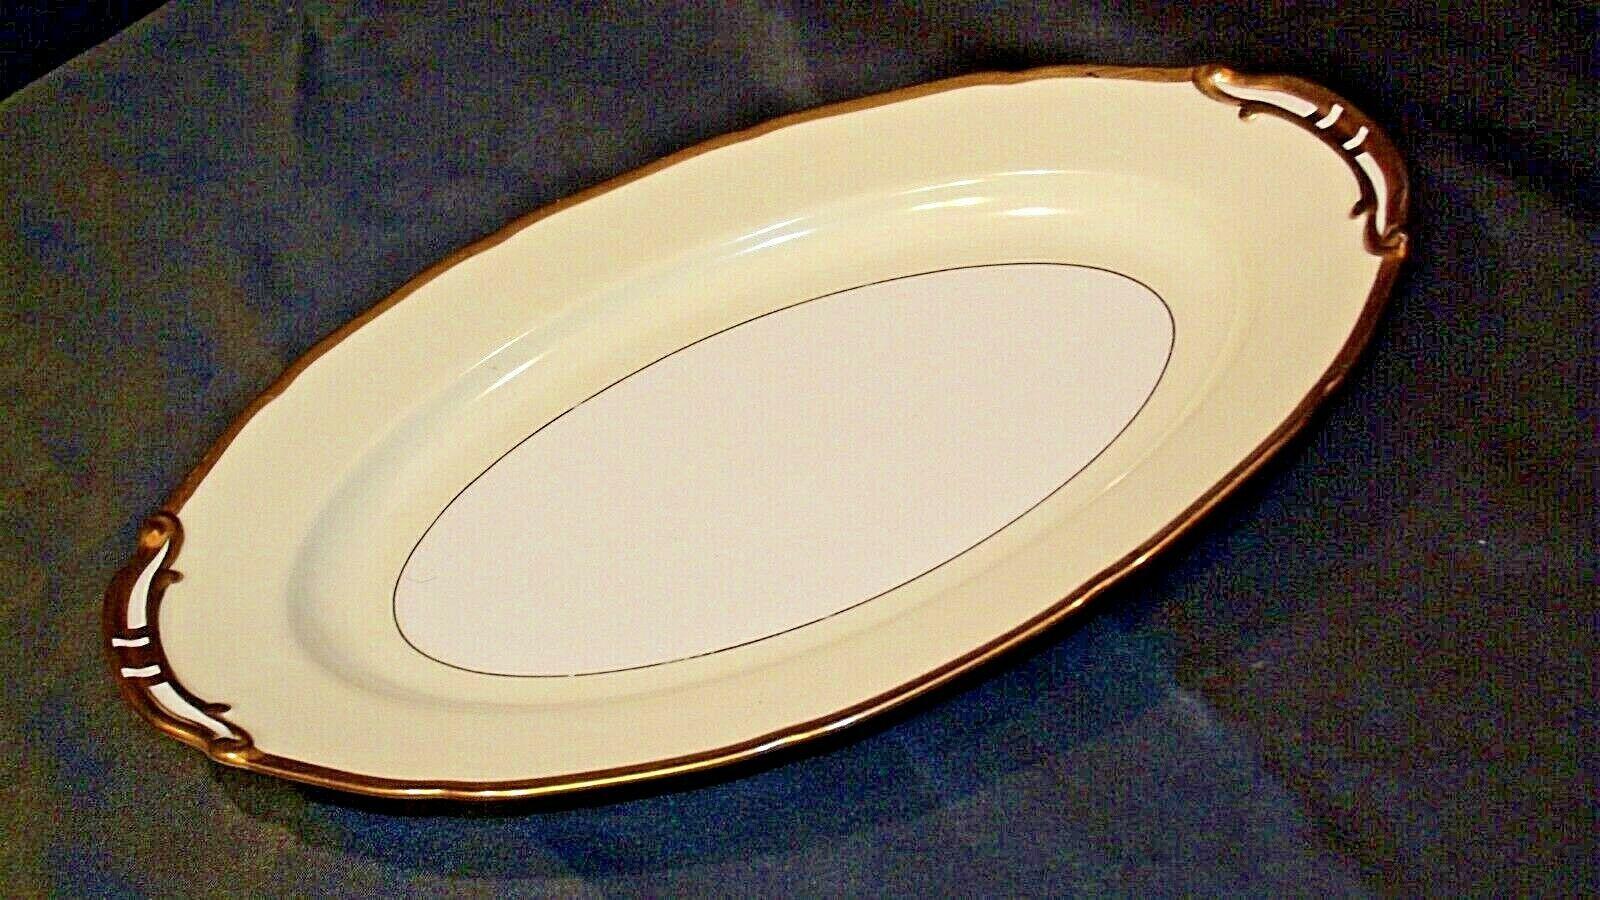 Noritake China Japan Goldora 882 Serving Platter  AA20-2139 Vintage